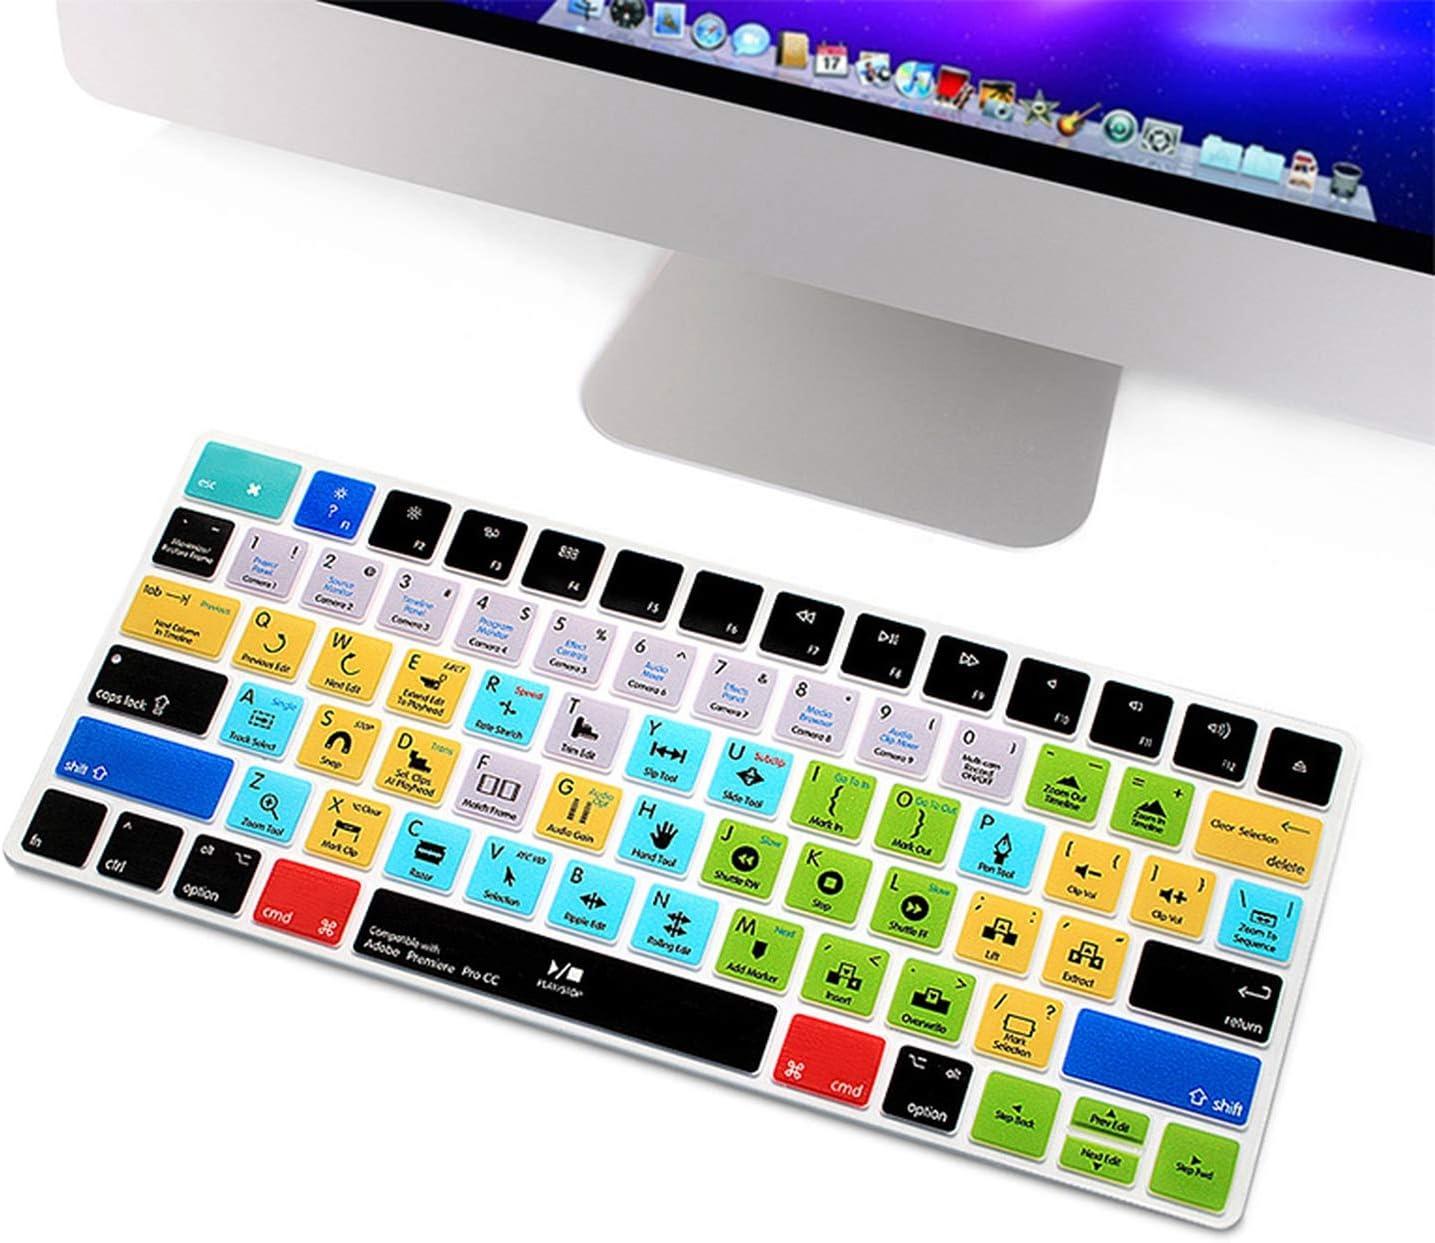 Adobe Premiere Pro CC - Protector de teclado de silicona ...